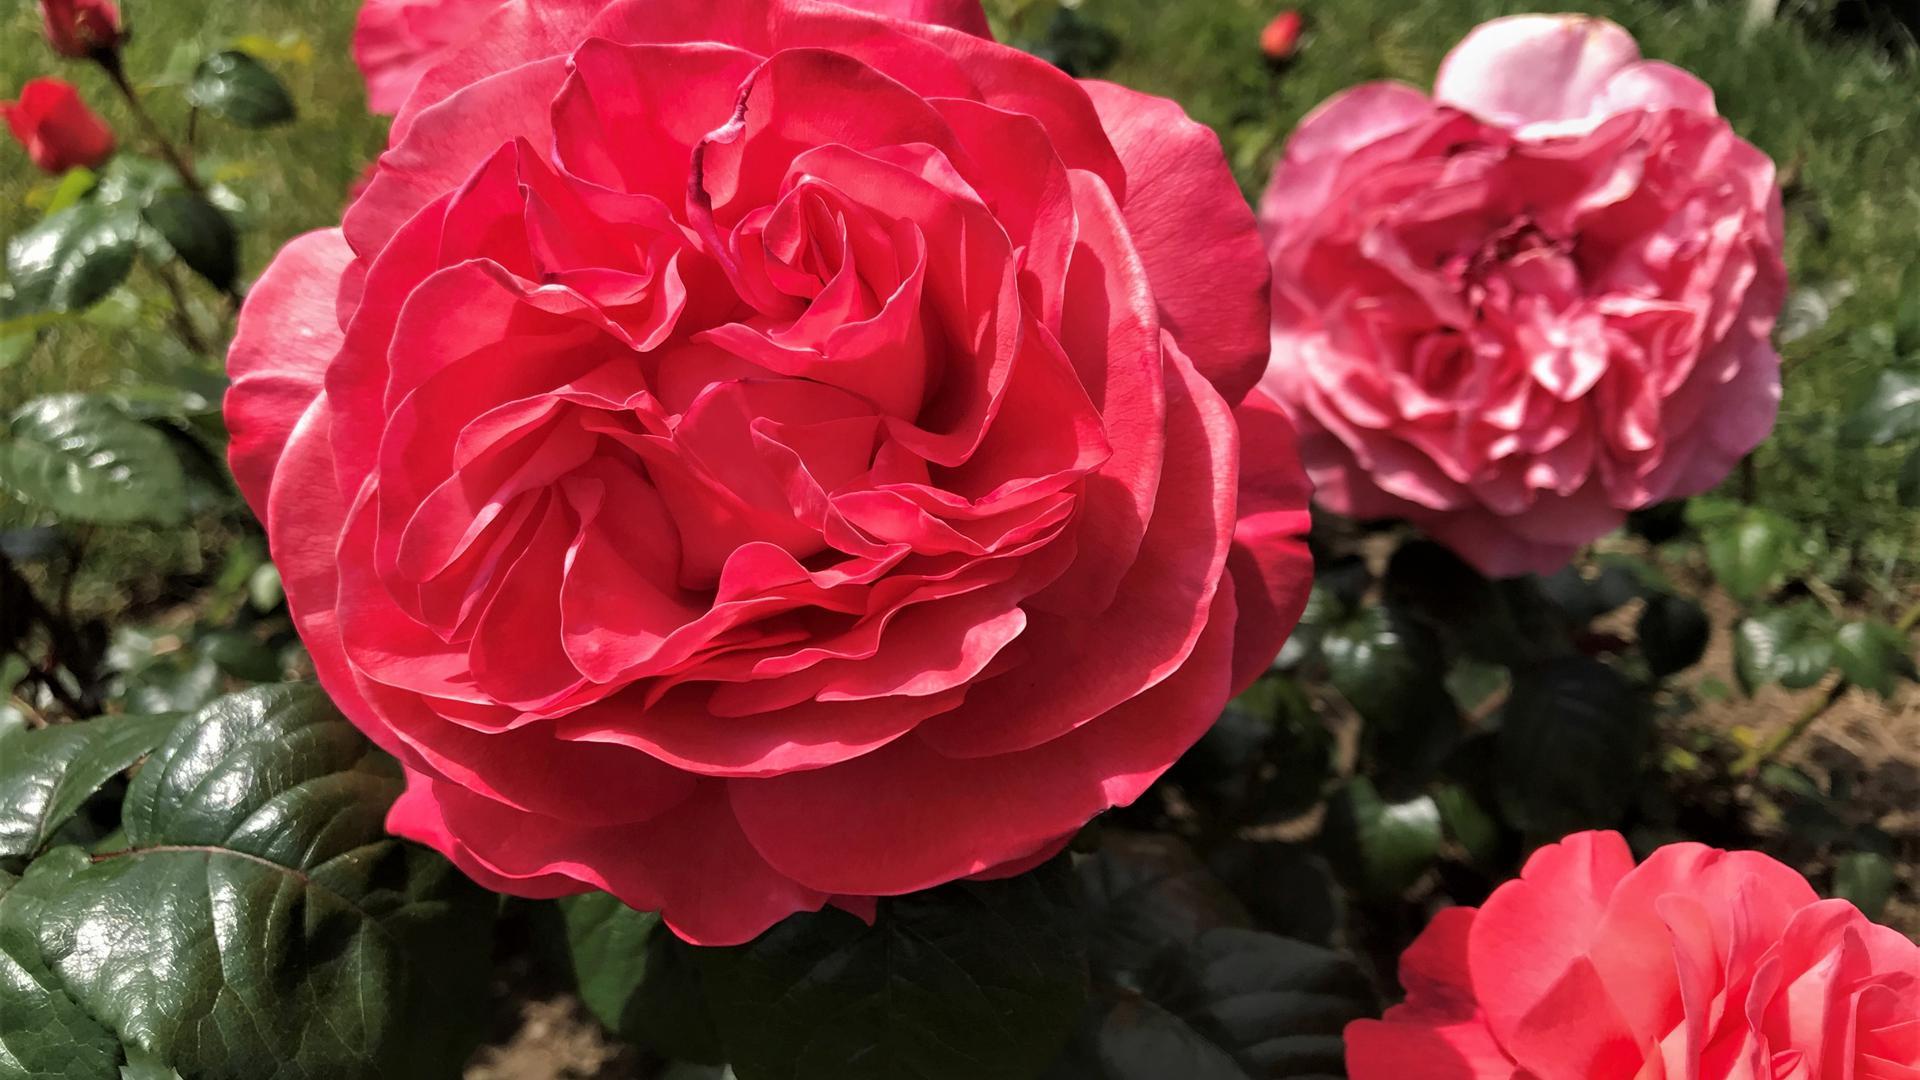 In einem Beet im Rosenneuheitengarten Im Beutig in Baden-Baden blüht diese Rose in einem leuchtenden Rot.